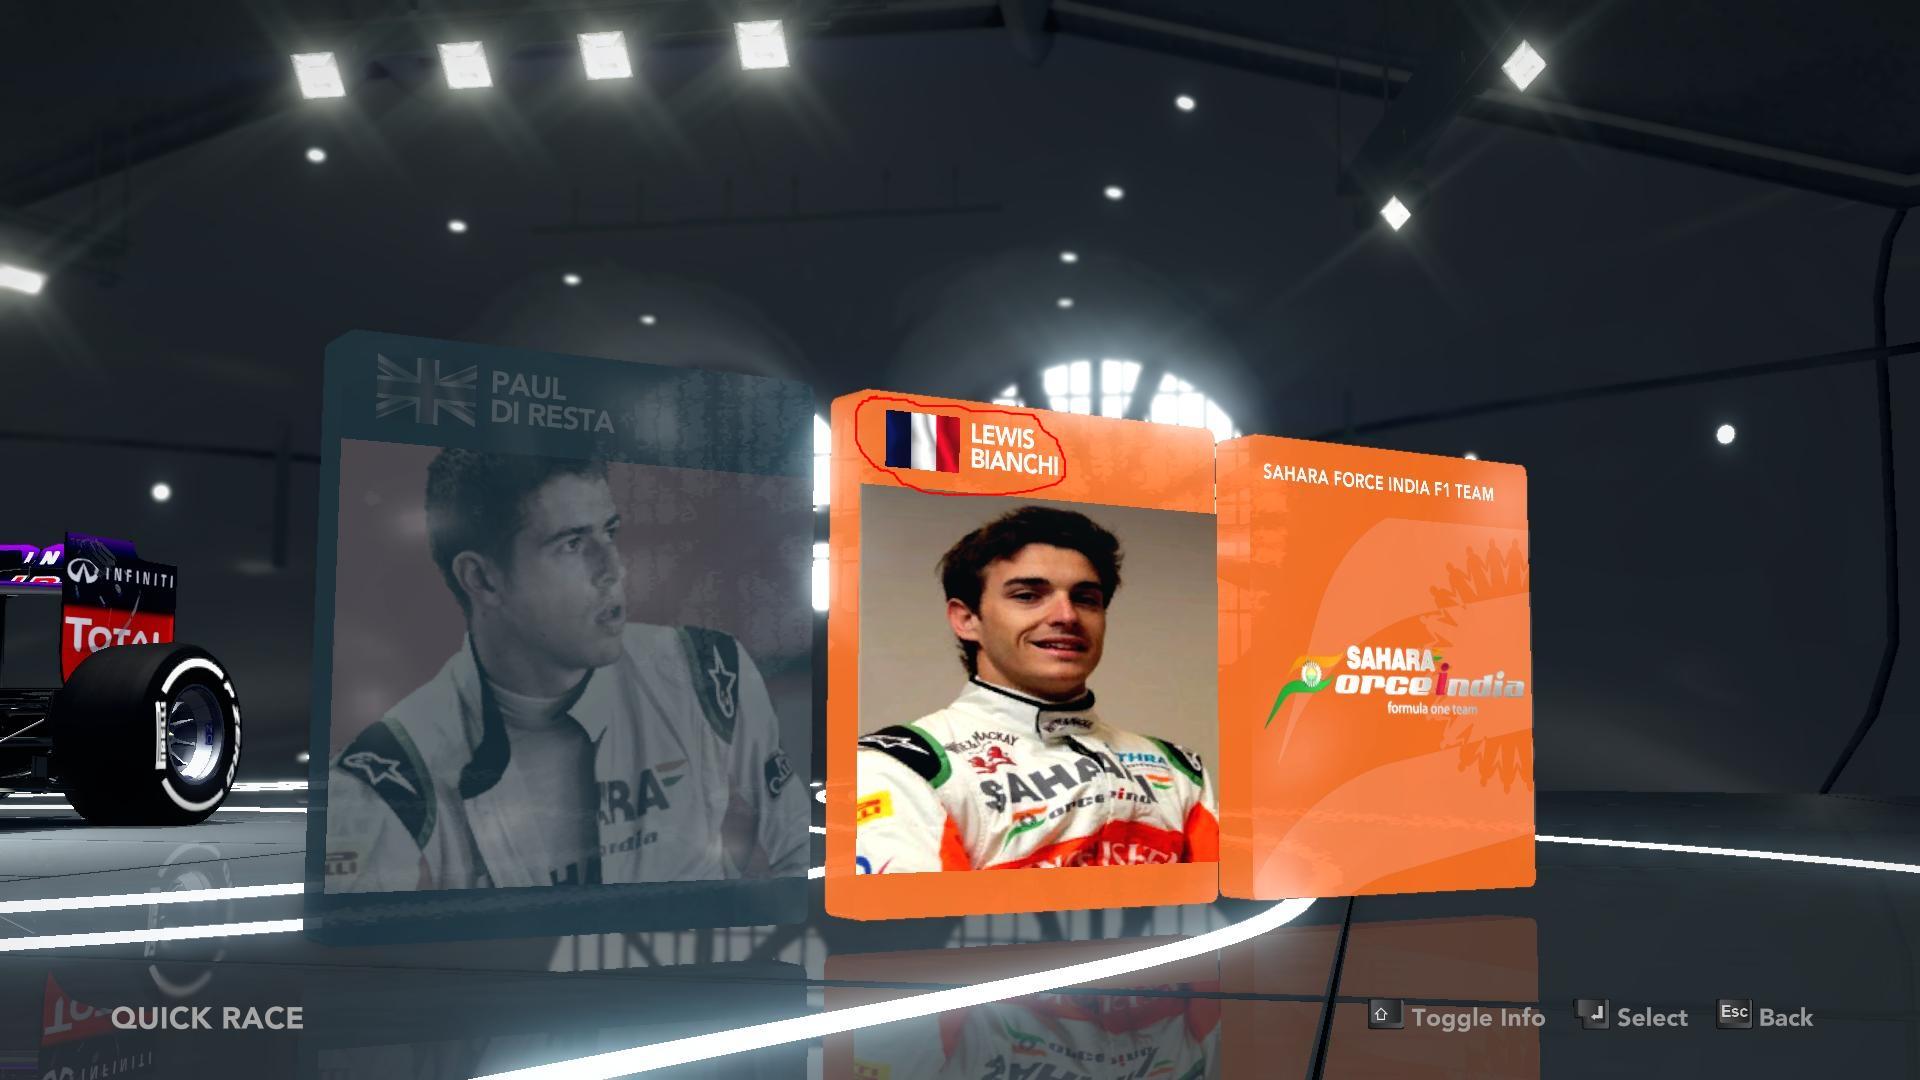 F1_2012 2013-02-23 17-03-54-62.jpg